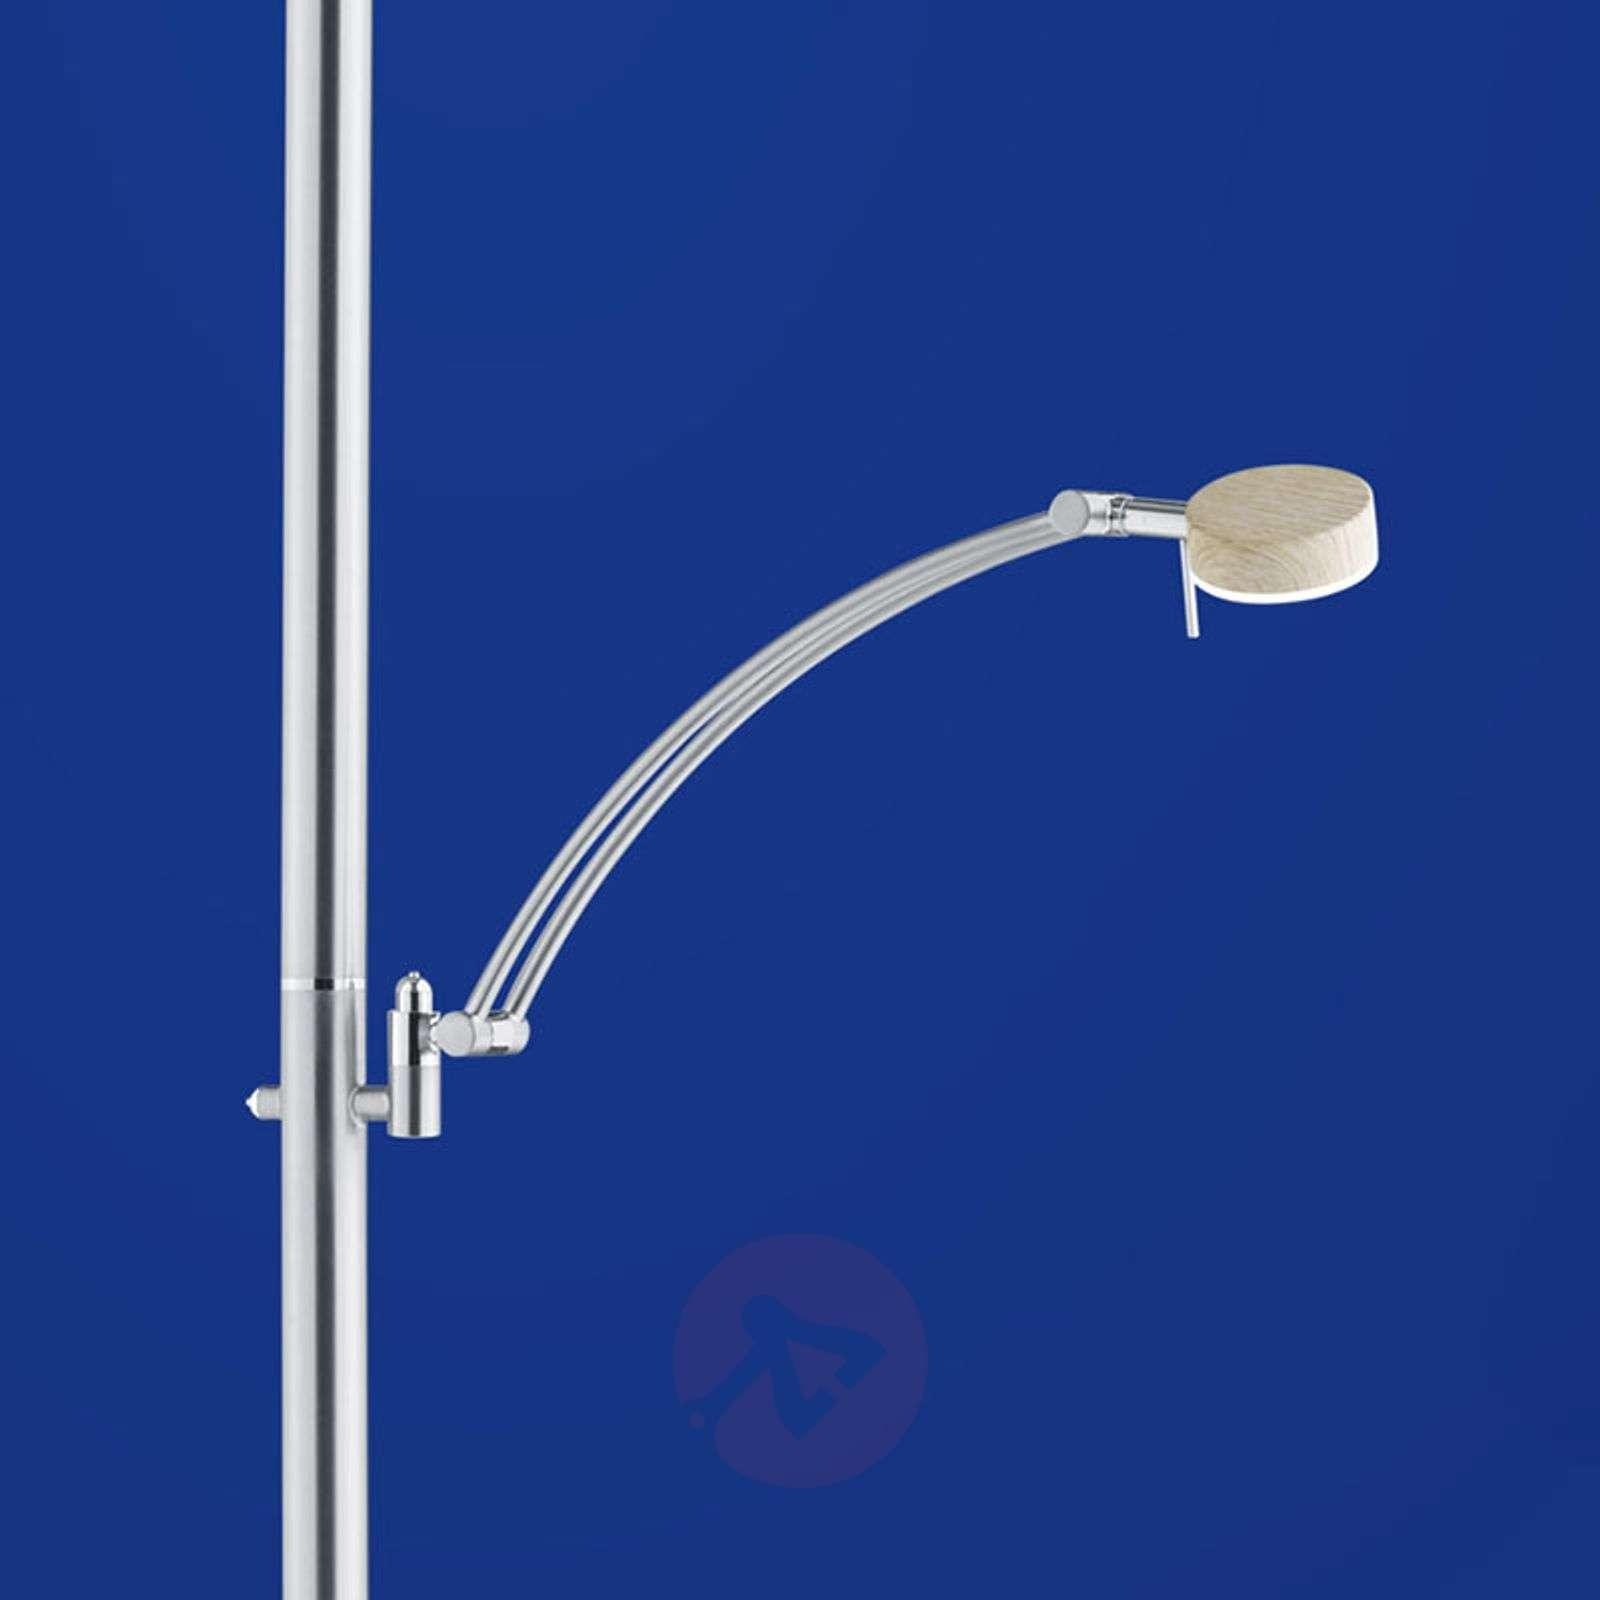 B-Leuchten Monza LED uplighter, light wood-1554005-01